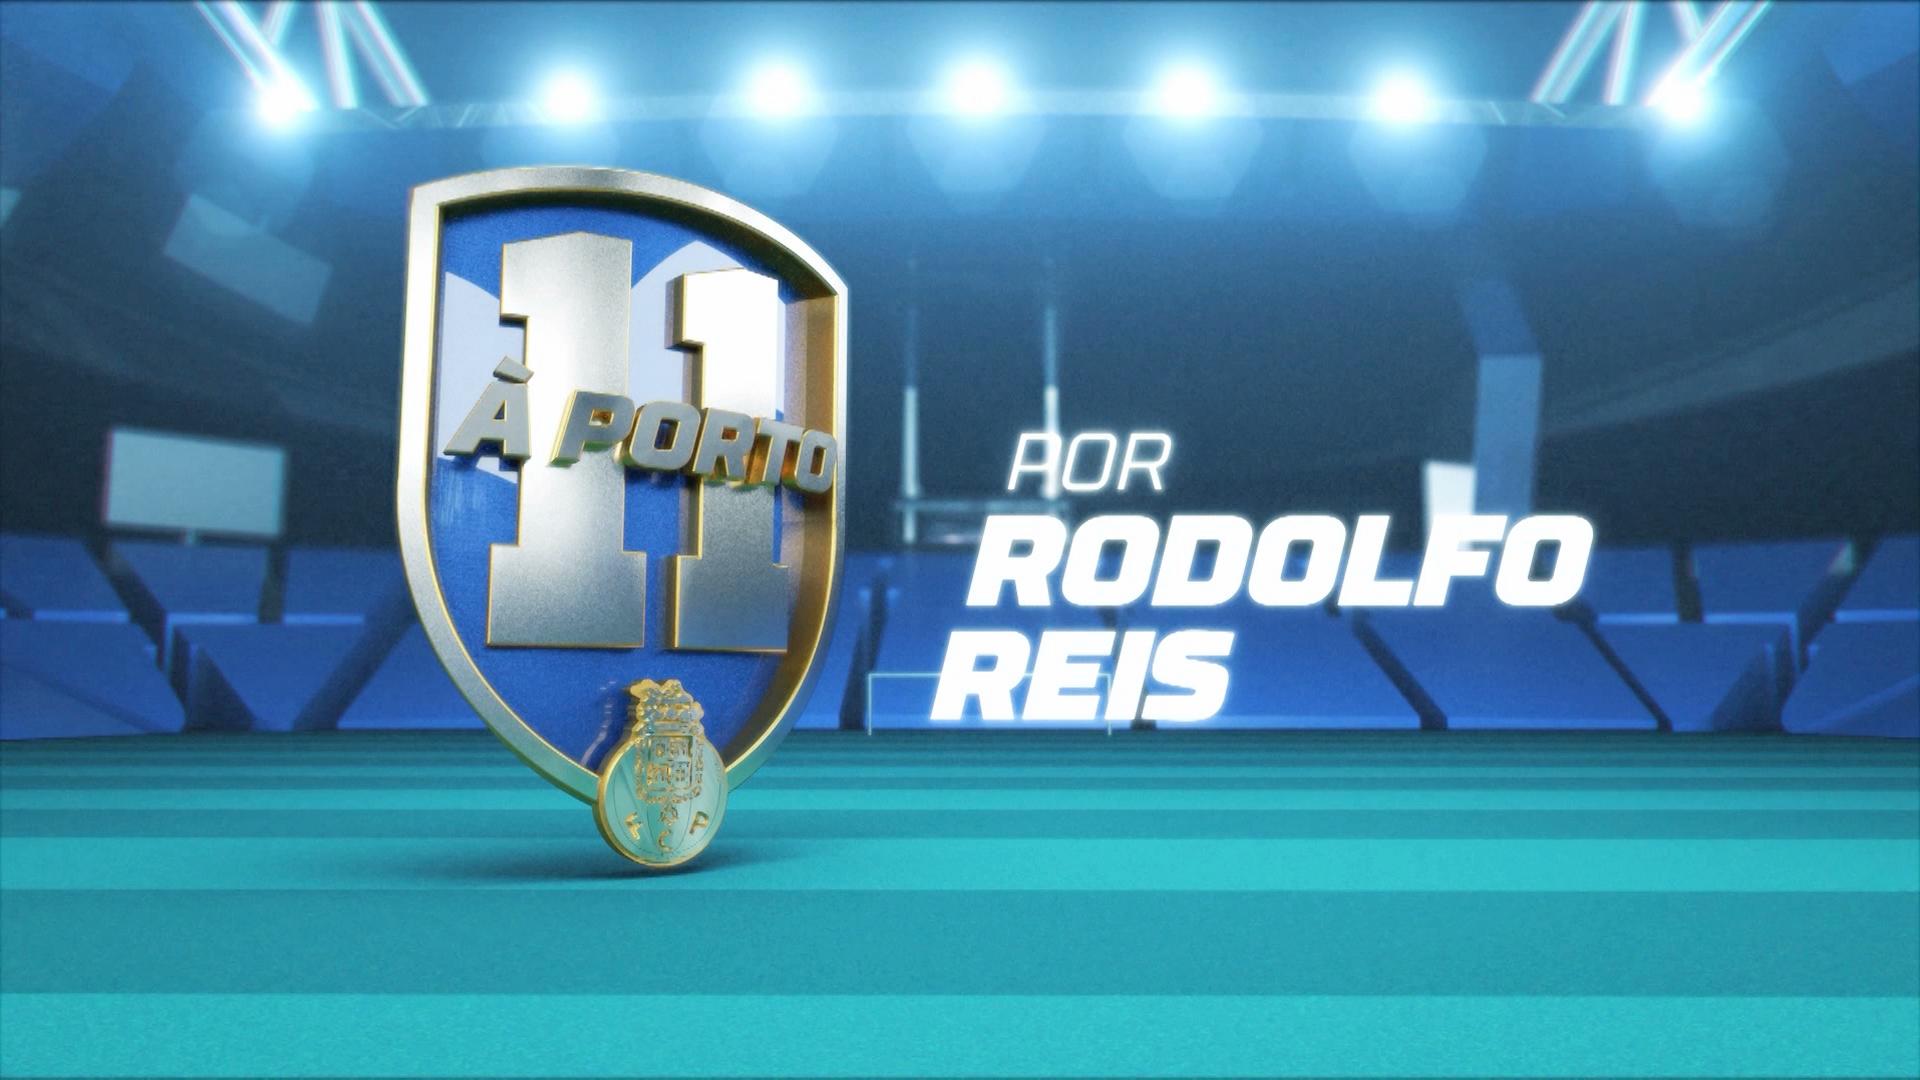 '11 à Porto' por Rodolfo Reis